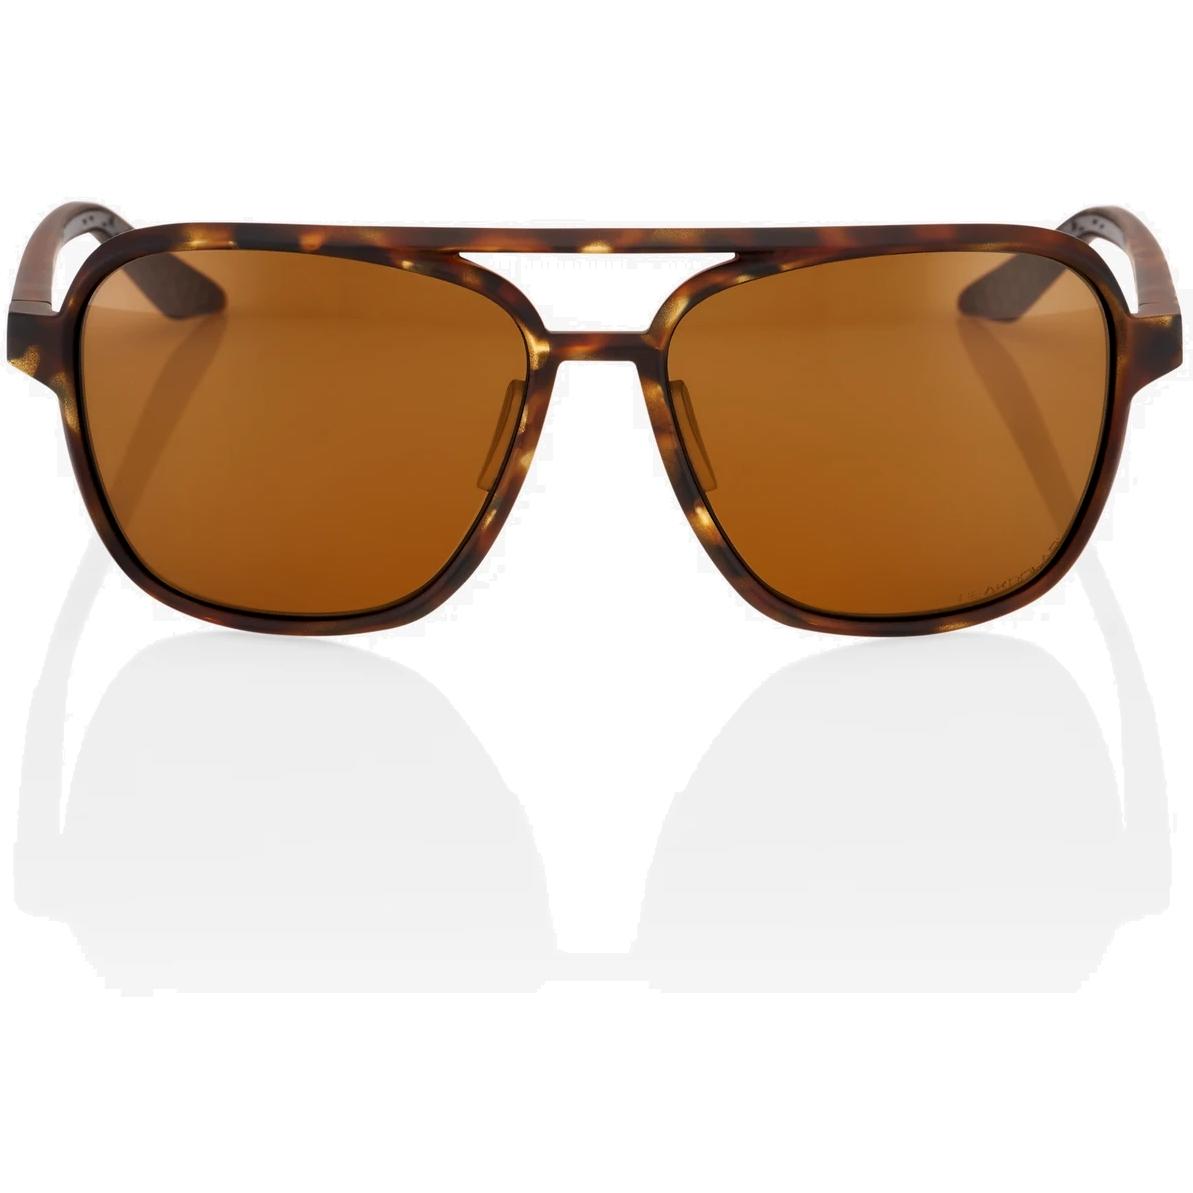 Imagen de 100% Kasia Aviator round Gafas - Soft Tact Havana - Bronze Peakpolar Lens